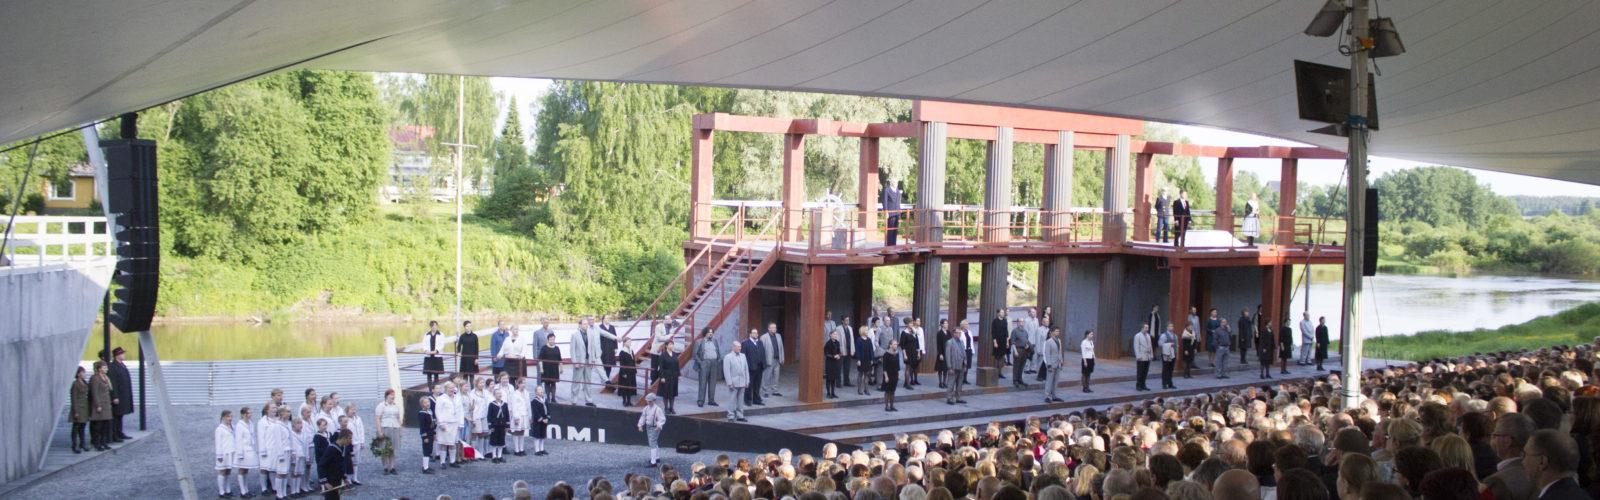 Ilmajoen musiikkijuhlat Hiljaiset perivät maan -ooppera lapuanliikkeestä